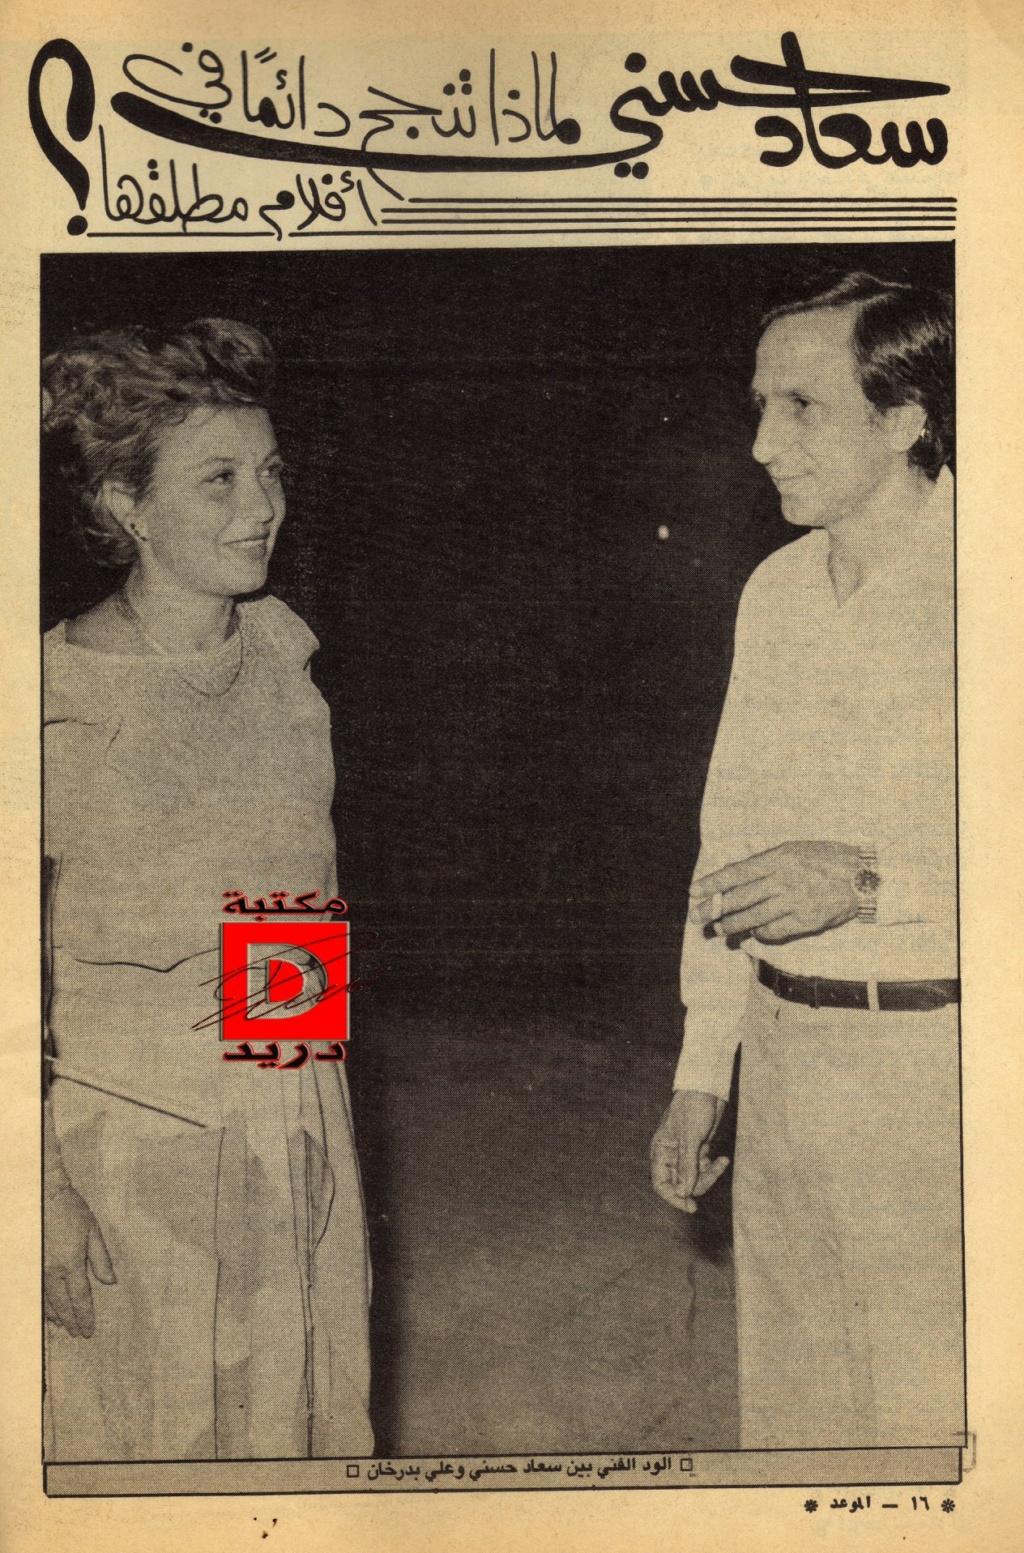 مقال صحفي : سعاد حسني .. لماذا تنجح دائماً في افلام مطلقها ؟ 1986 م 125